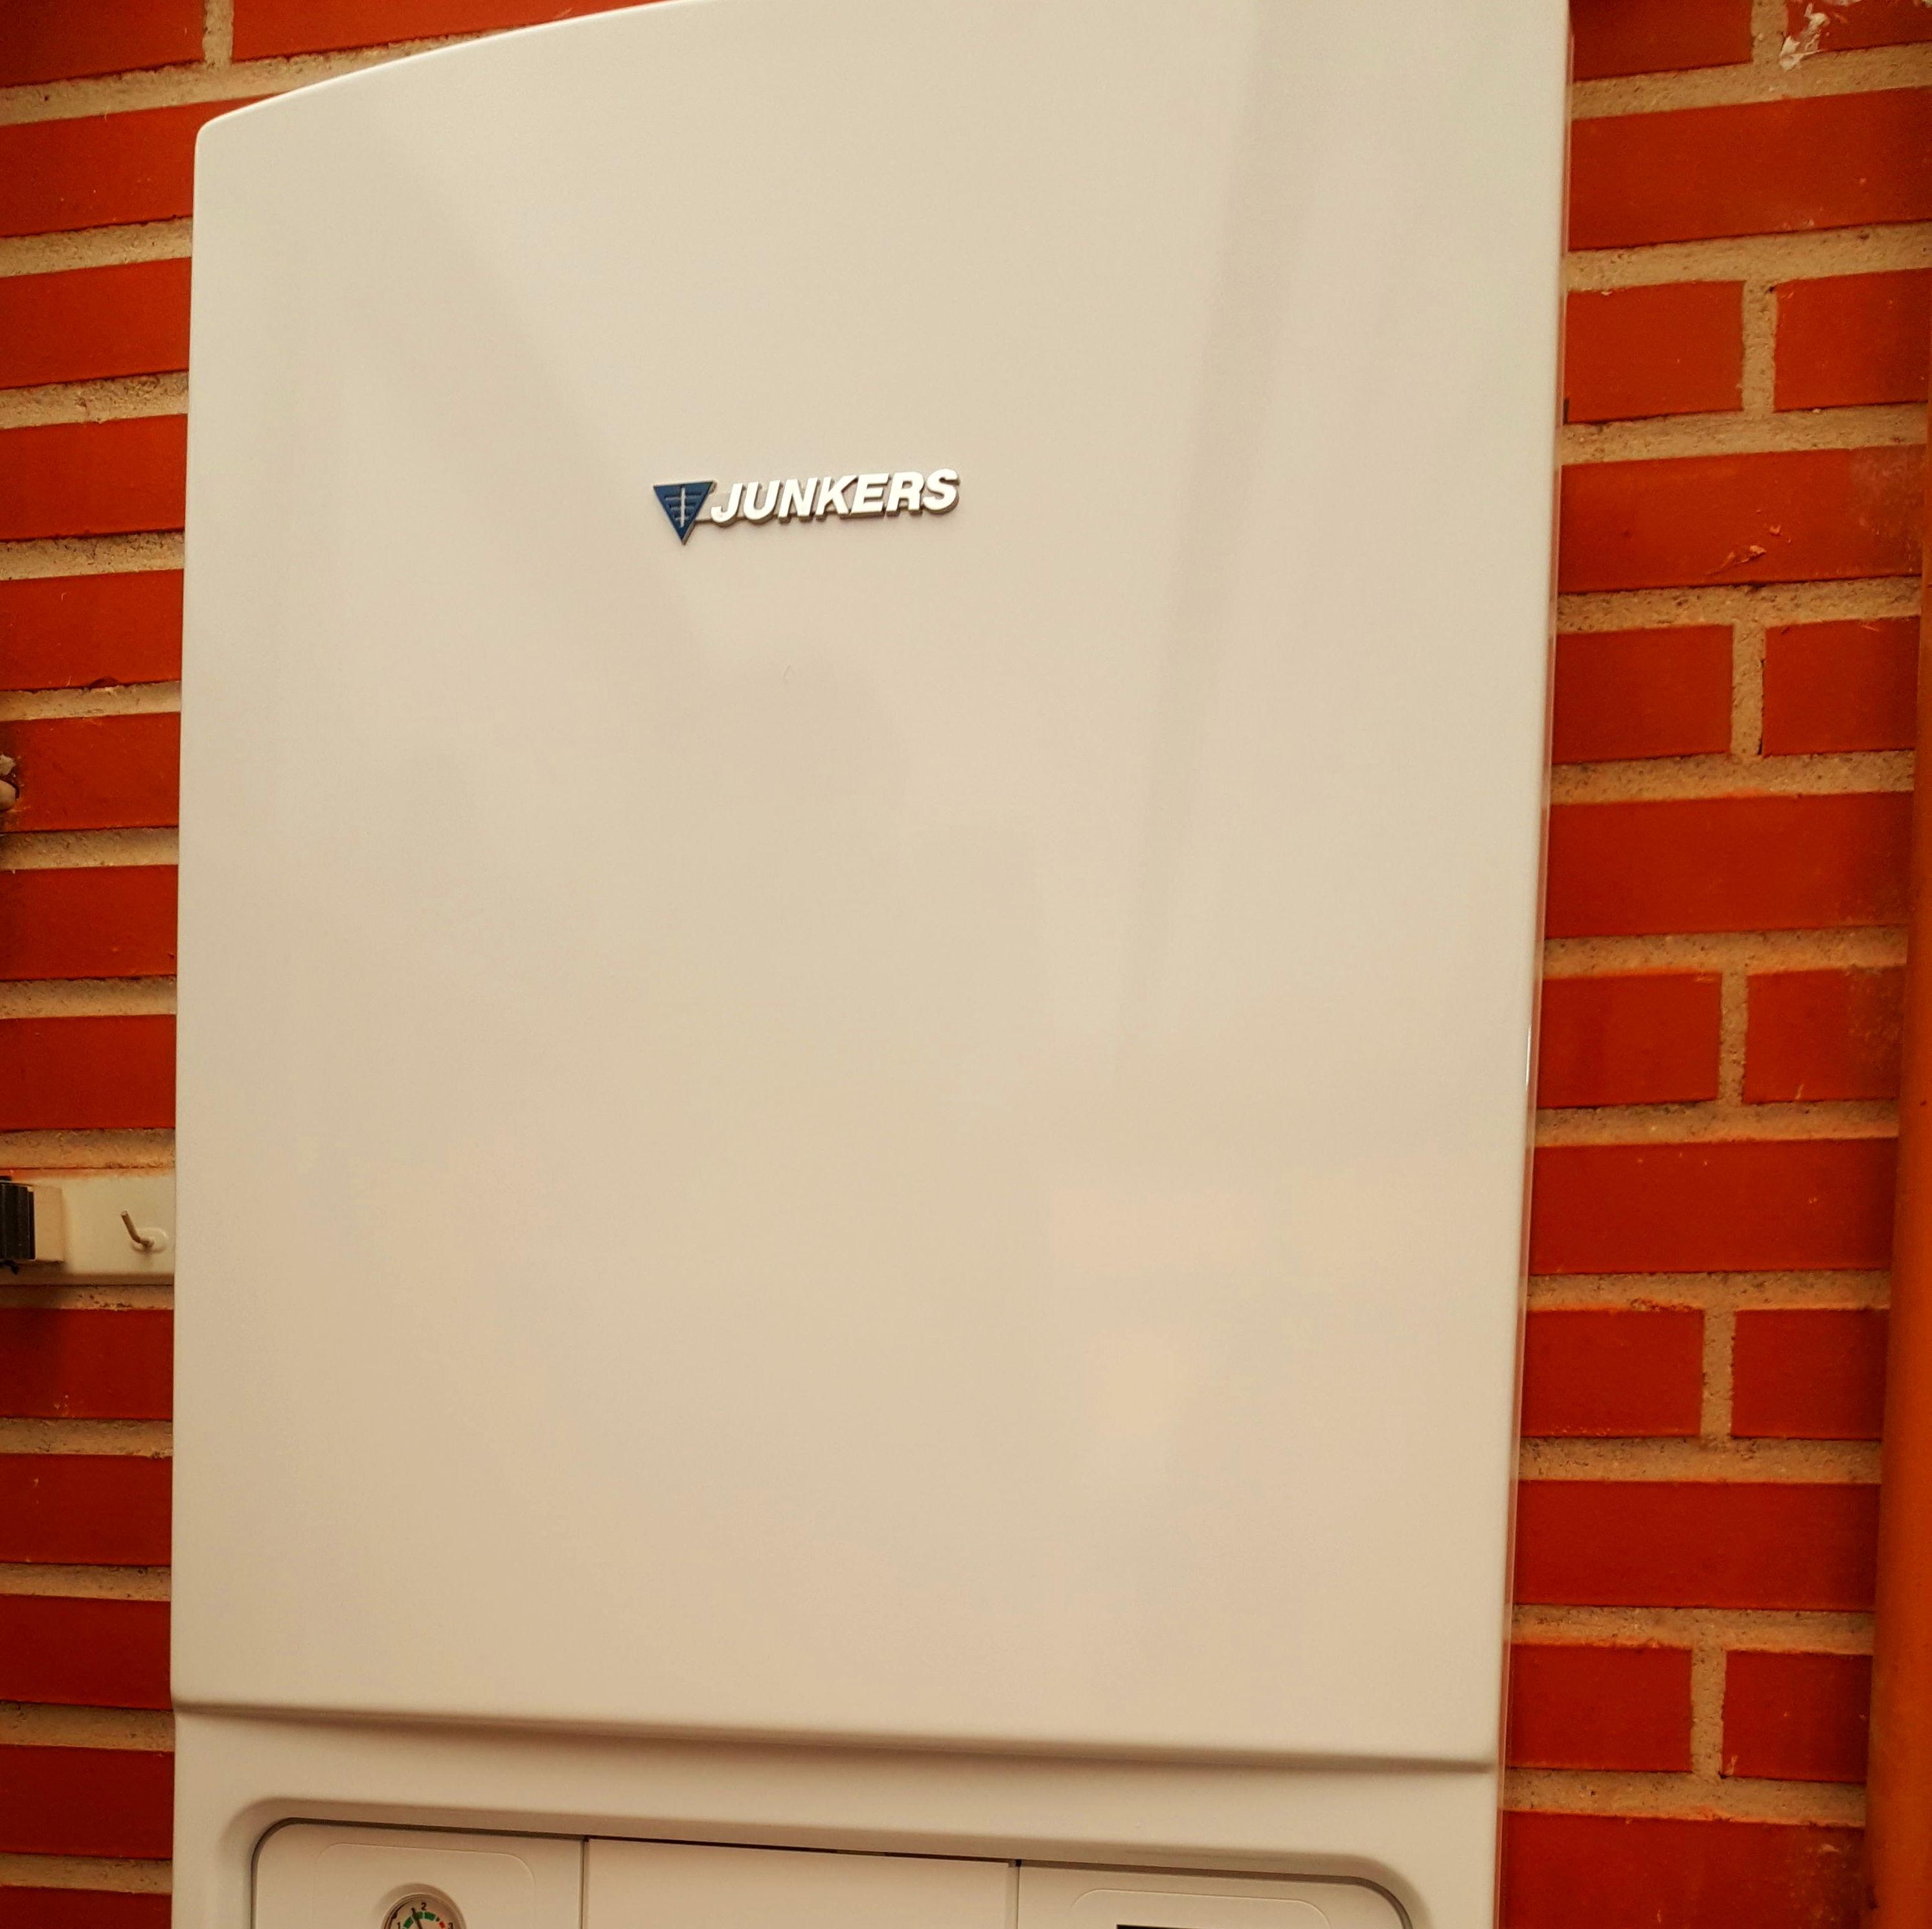 instaladores de calderas On instaladores de calderas